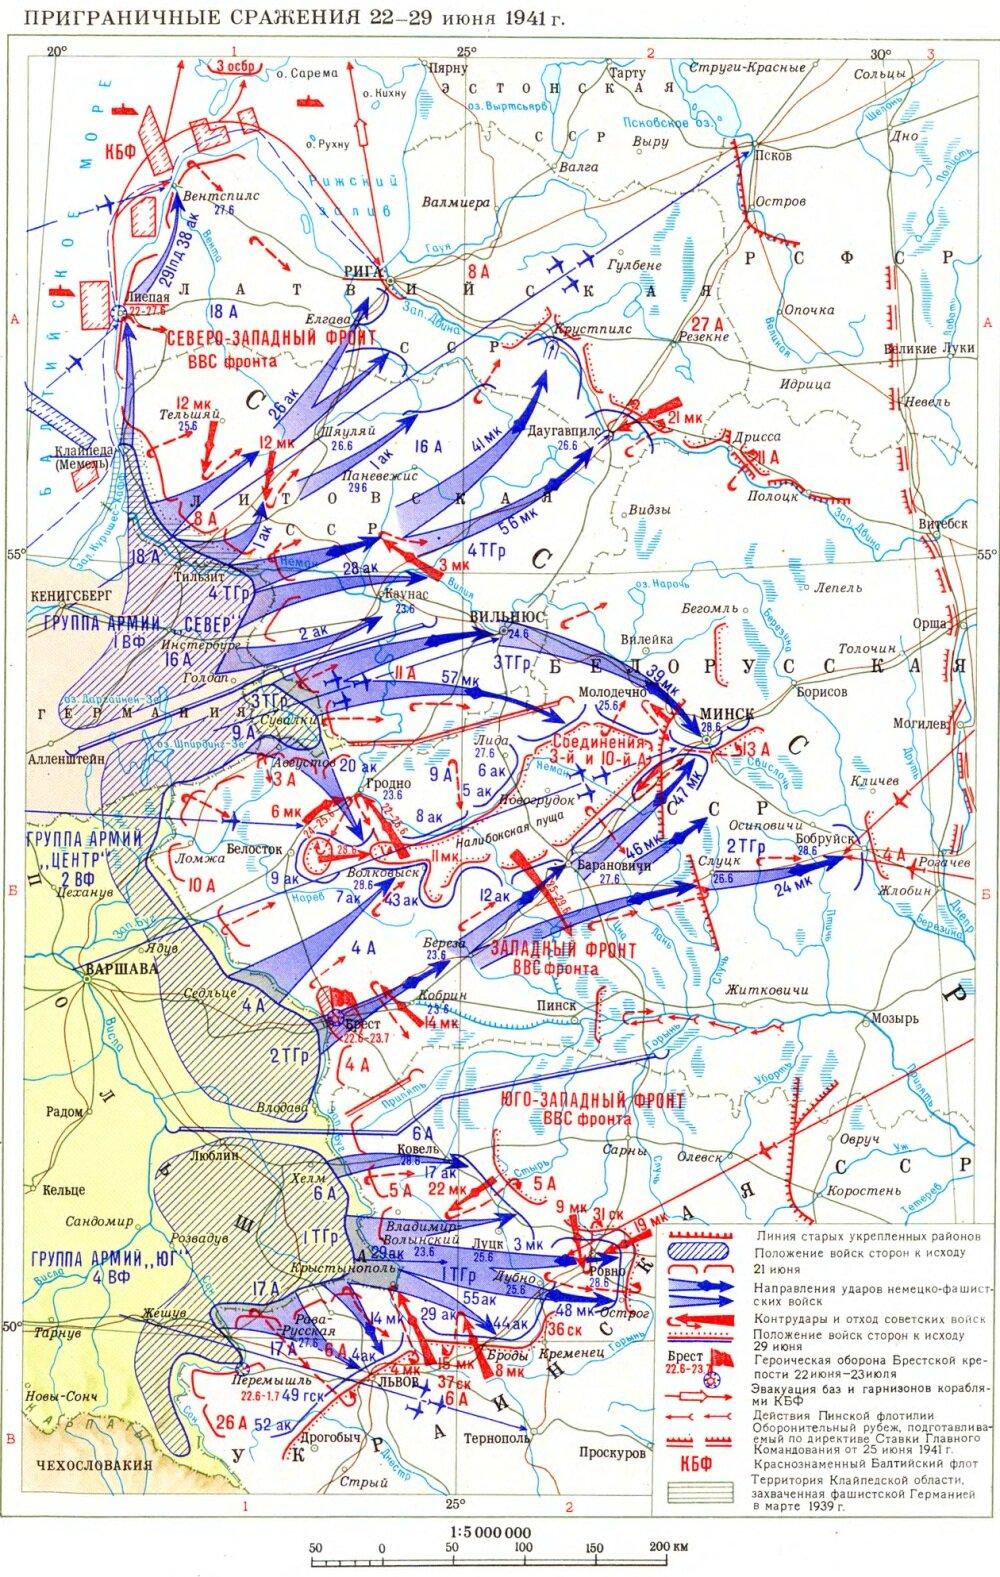 Приграничные сражения 22-29 июня 1941 года